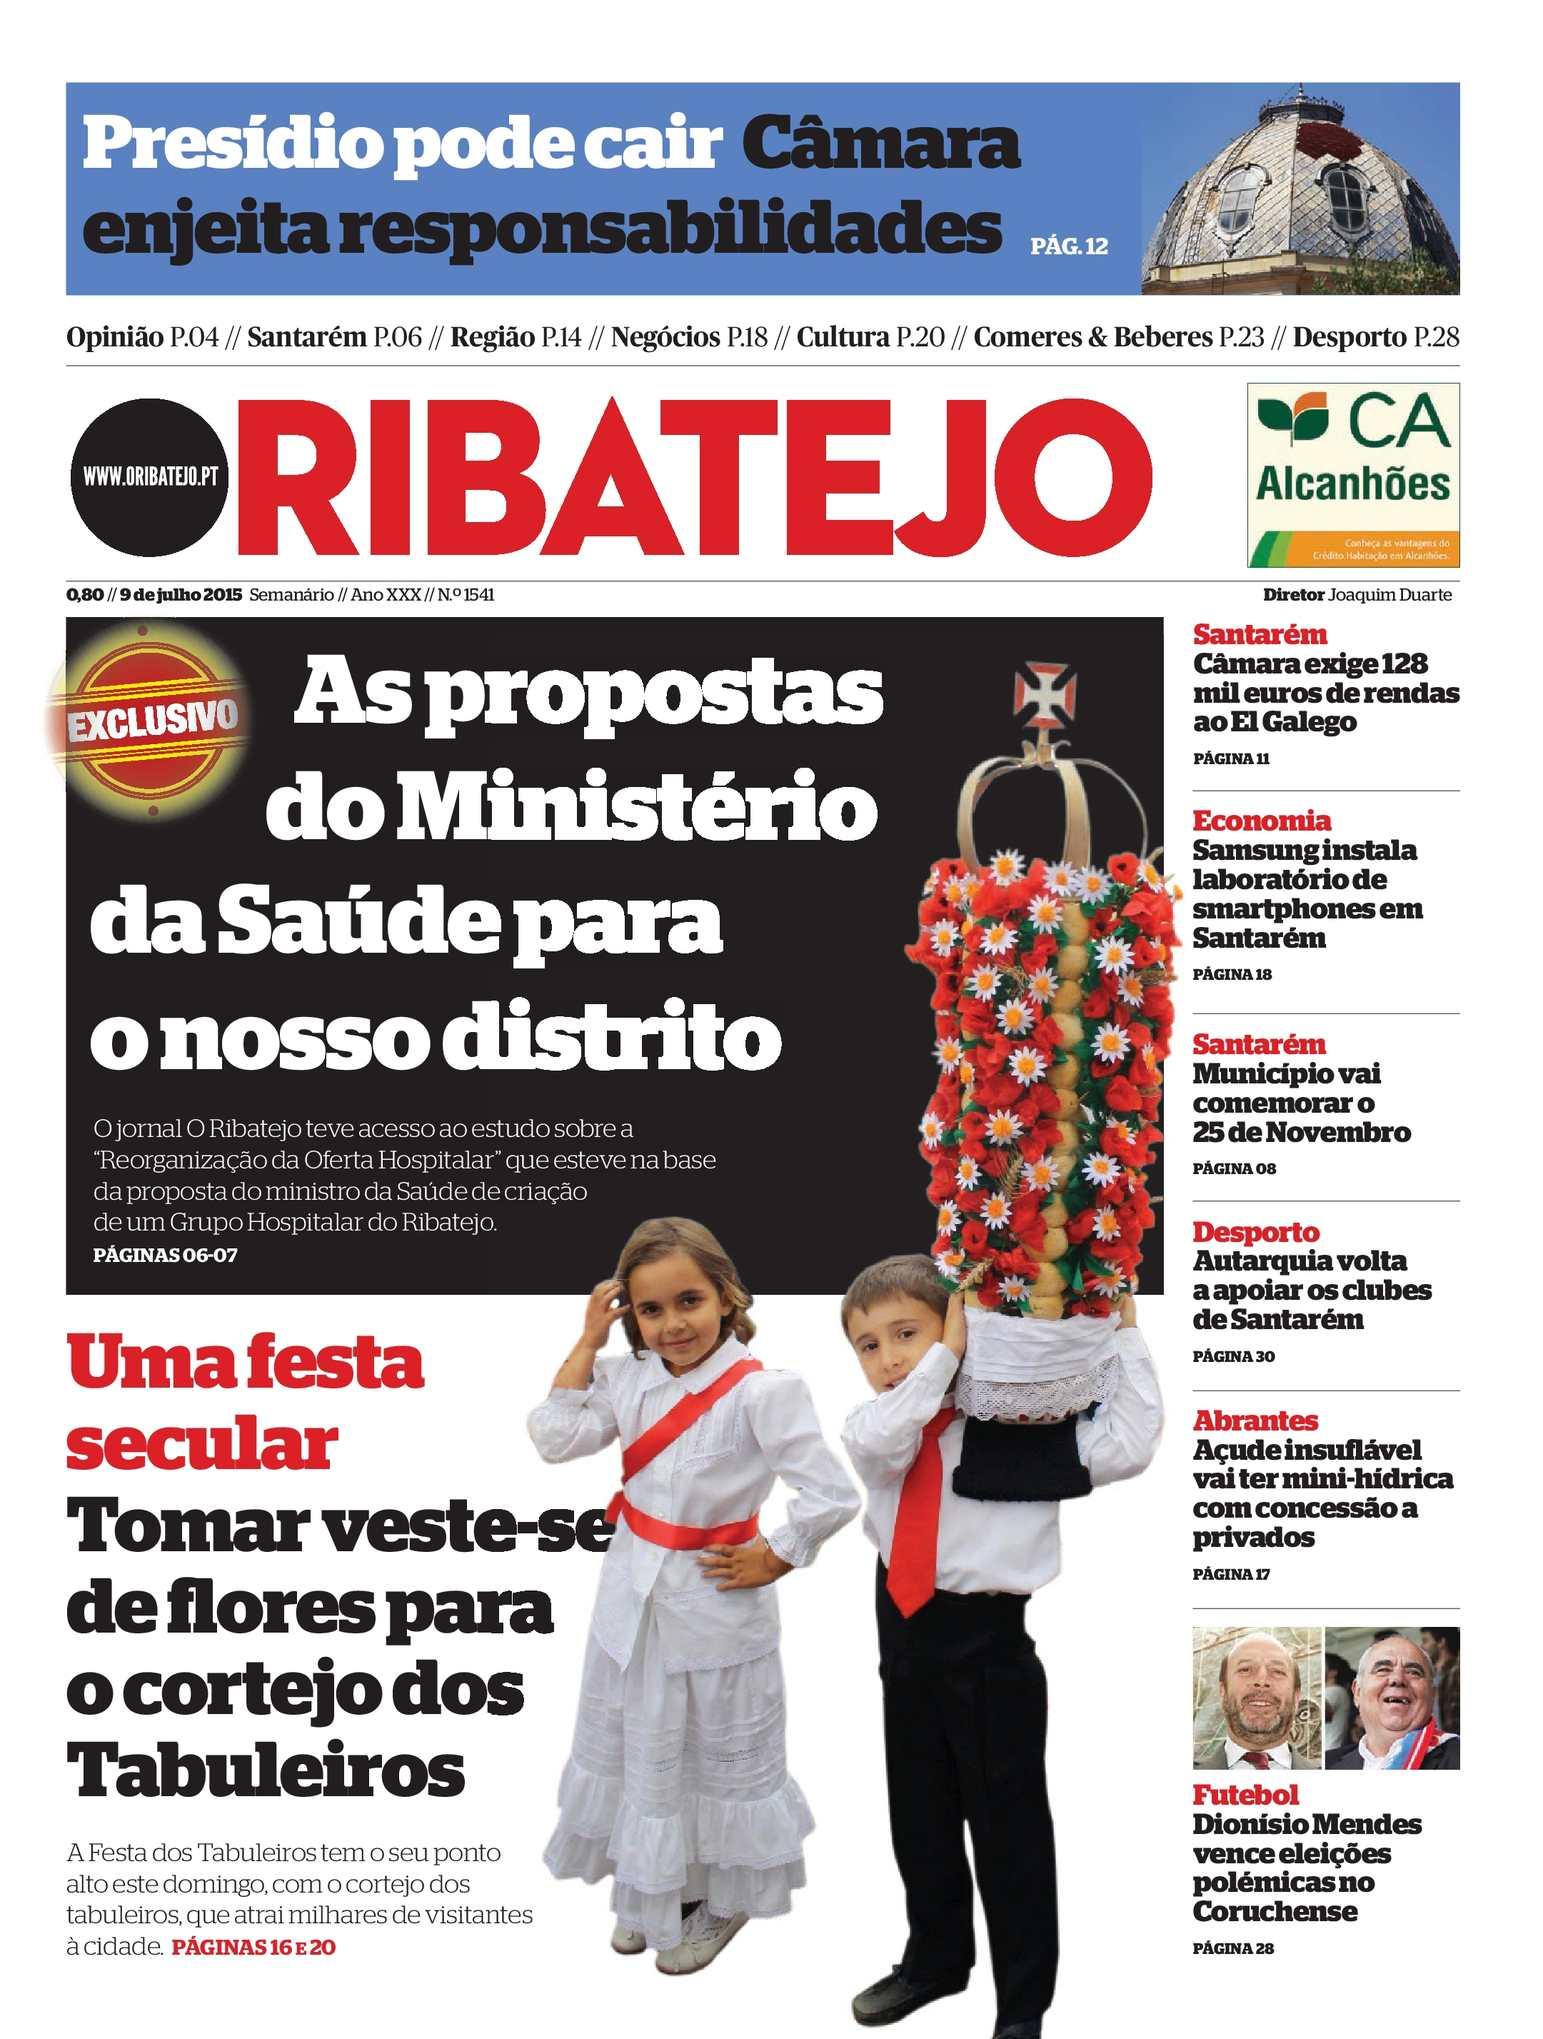 Calaméo - Edição 1541 do Jornal O Ribatejo - 09 de julho 2015 bb586e5b25